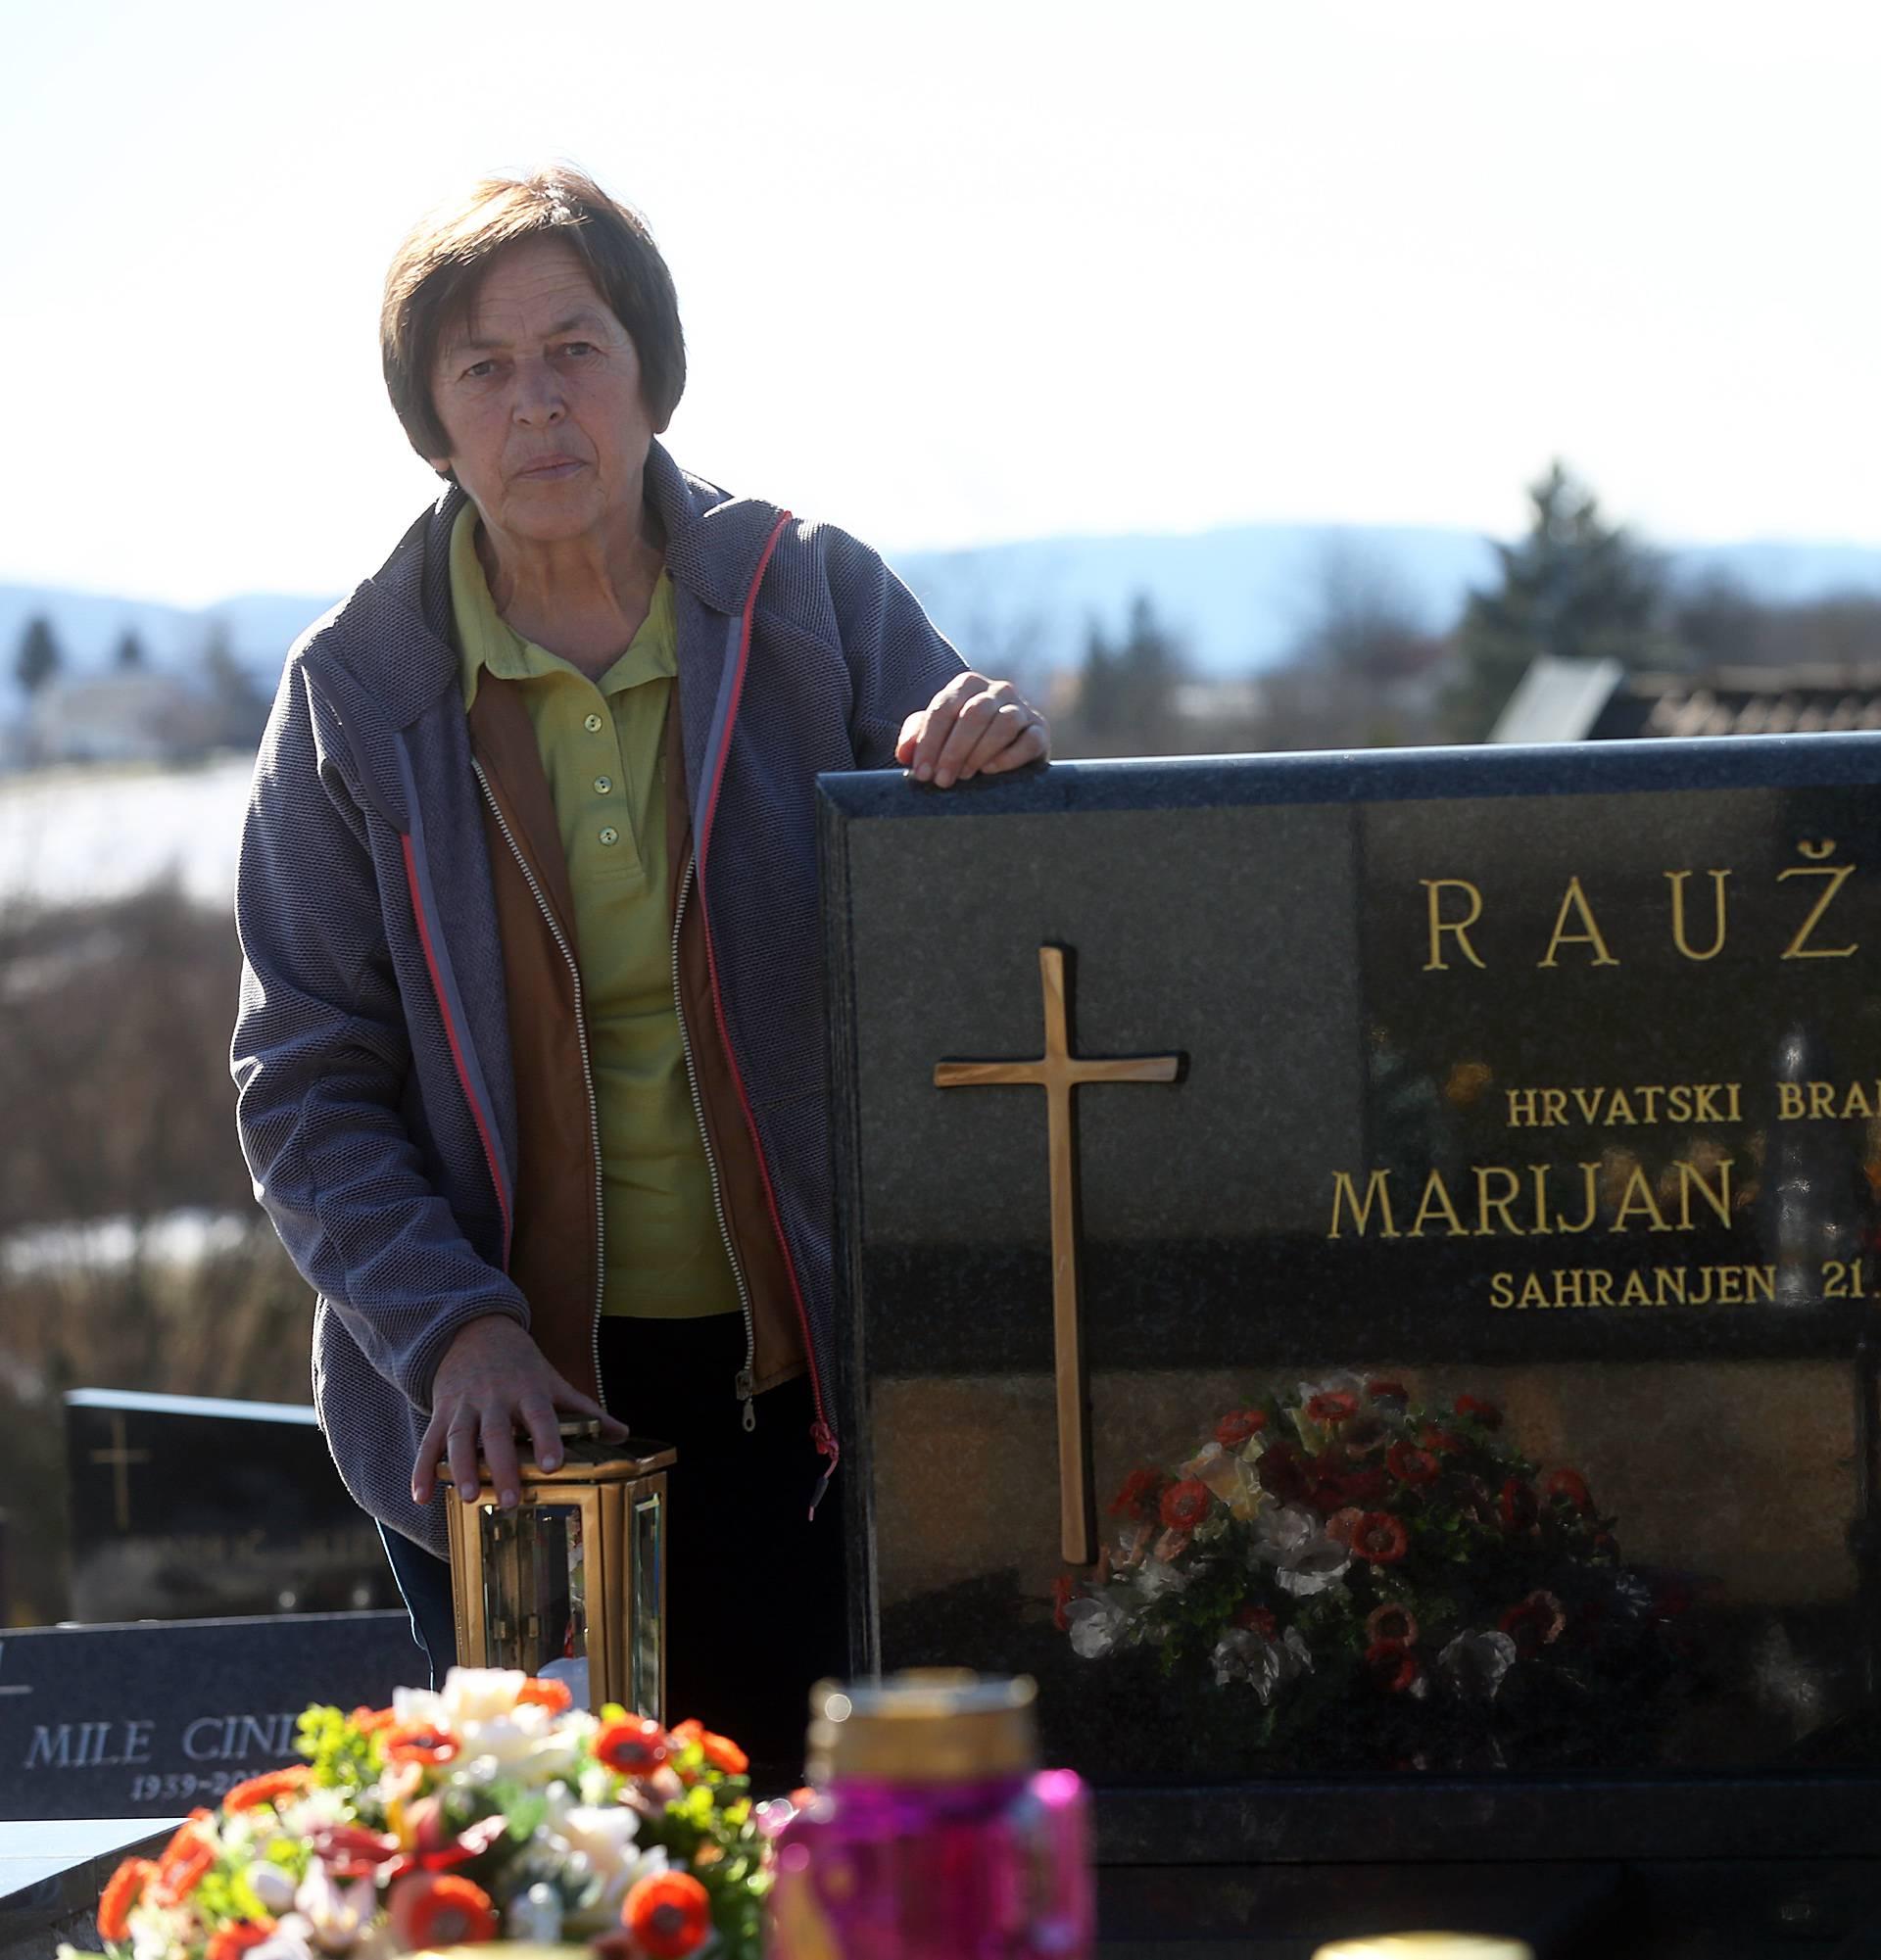 Kad sam mu napokon došla na grob, ljutnju je zamijenila sreća